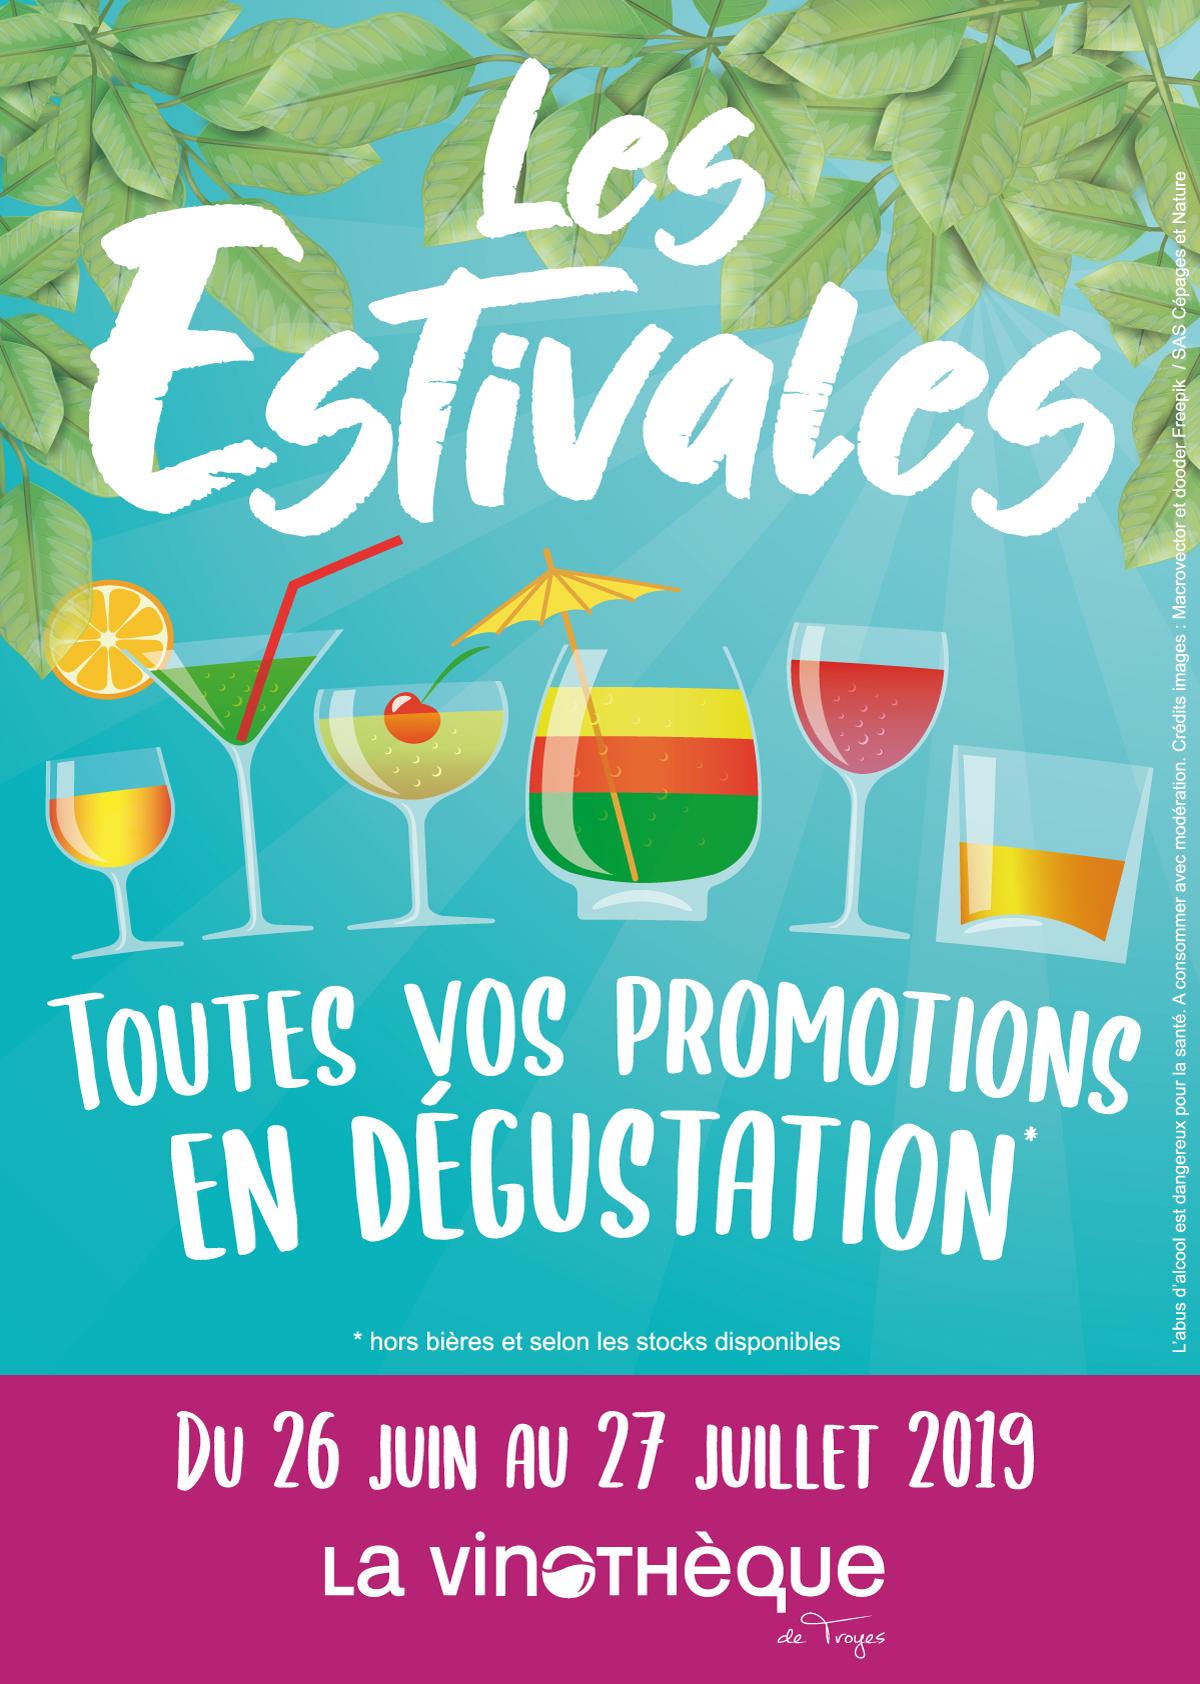 Les Estivales de la Vinothèque de Troyes